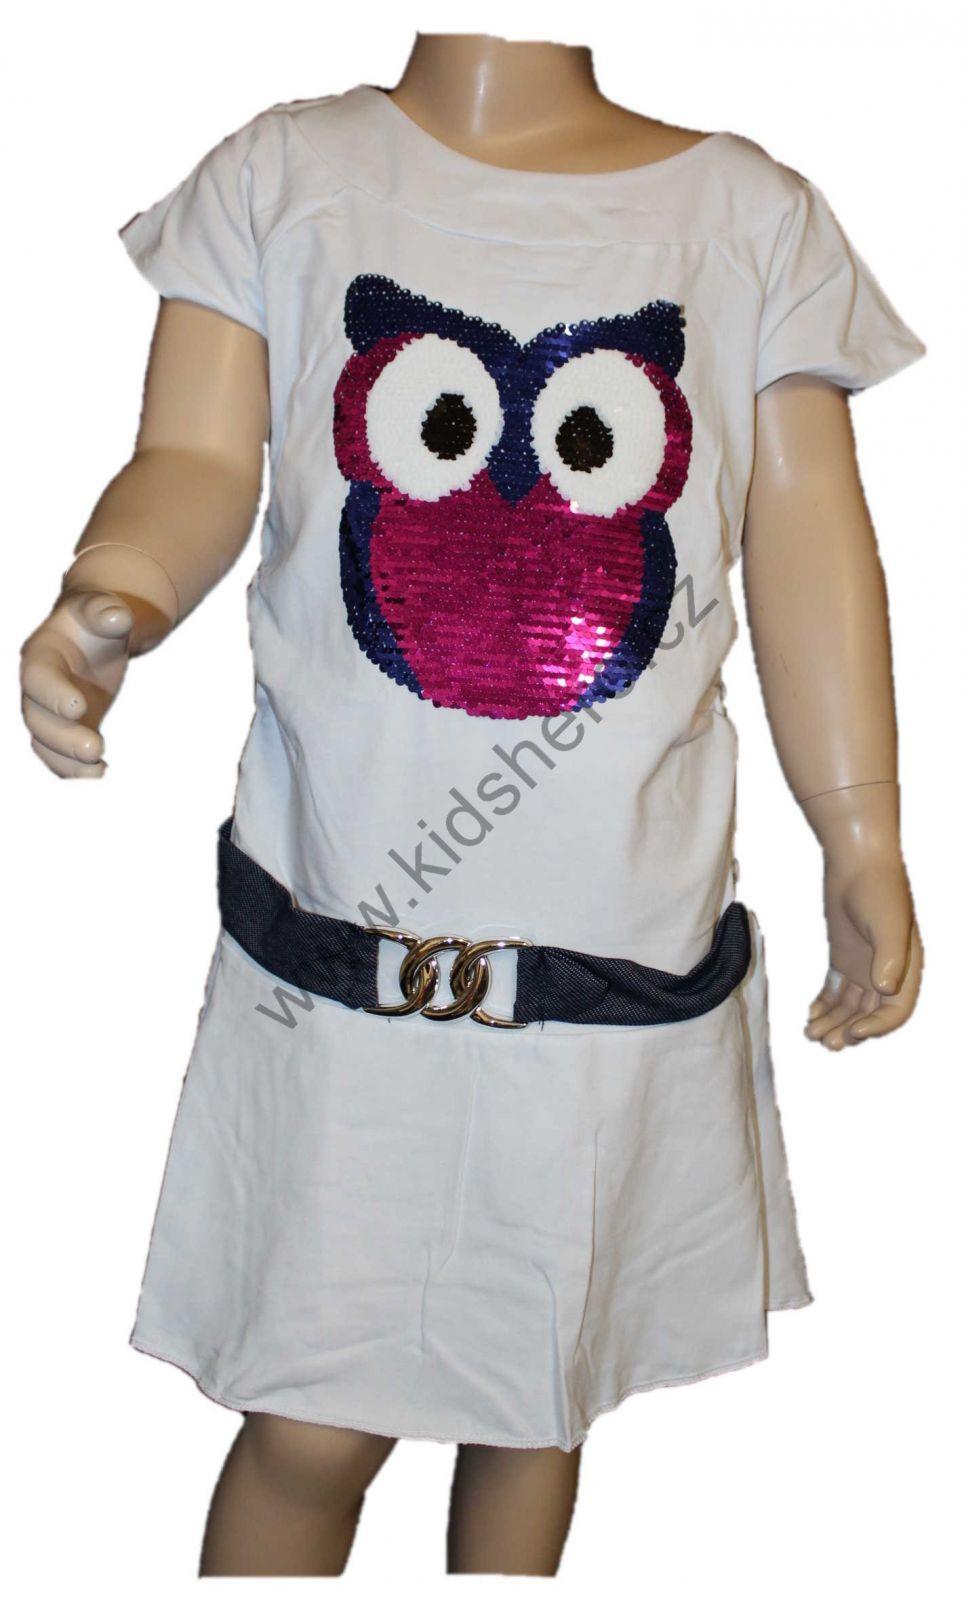 dětské měnící šaty, šaty s flitry, přeměňovací šaty